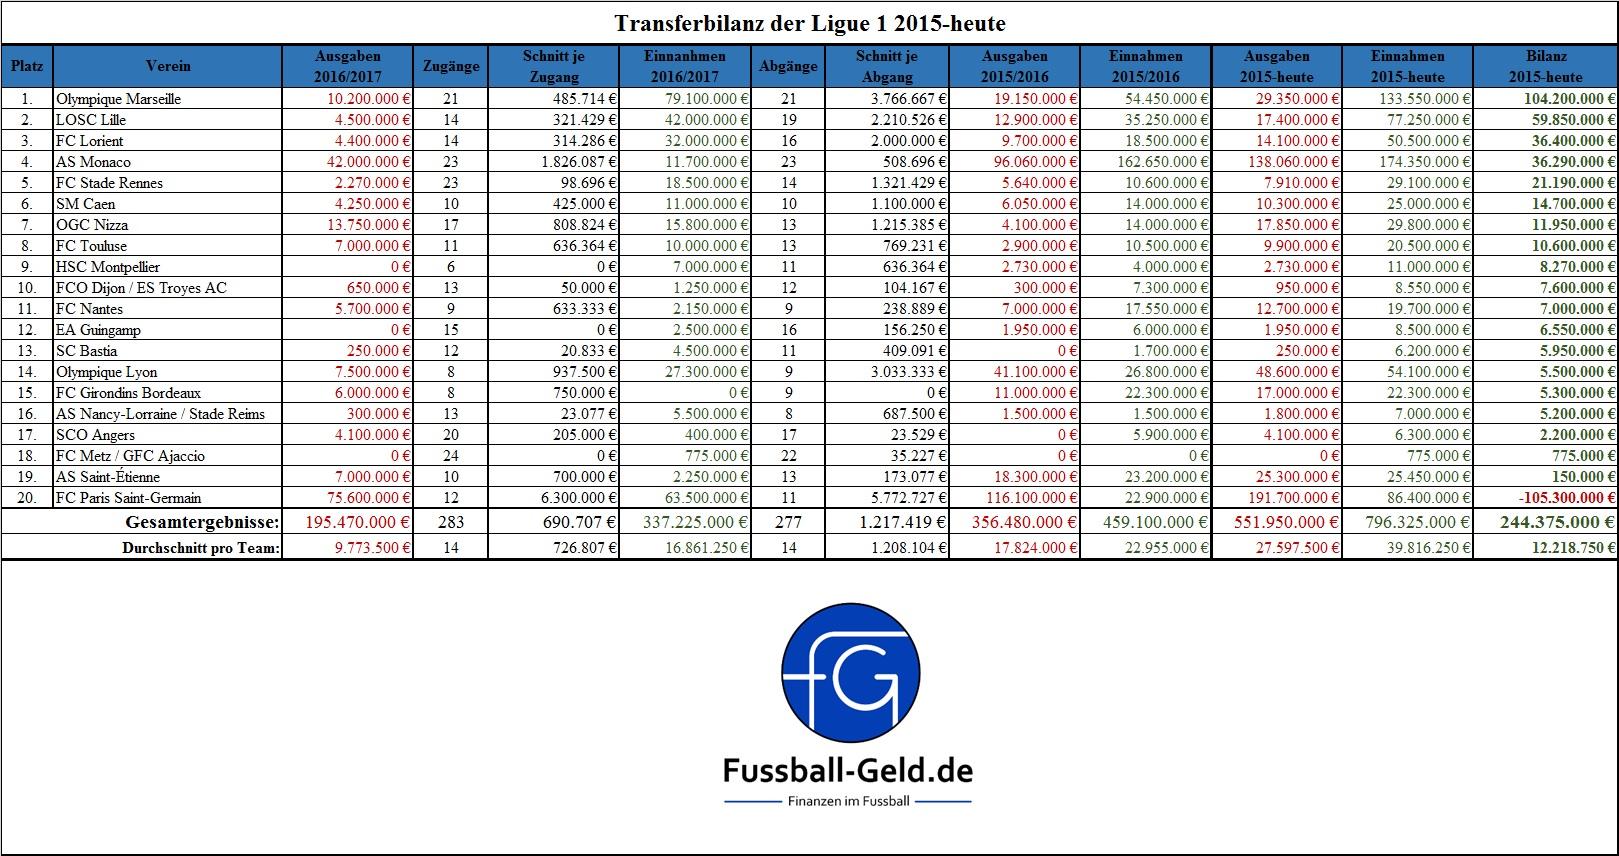 transferbilanz-ligue-1